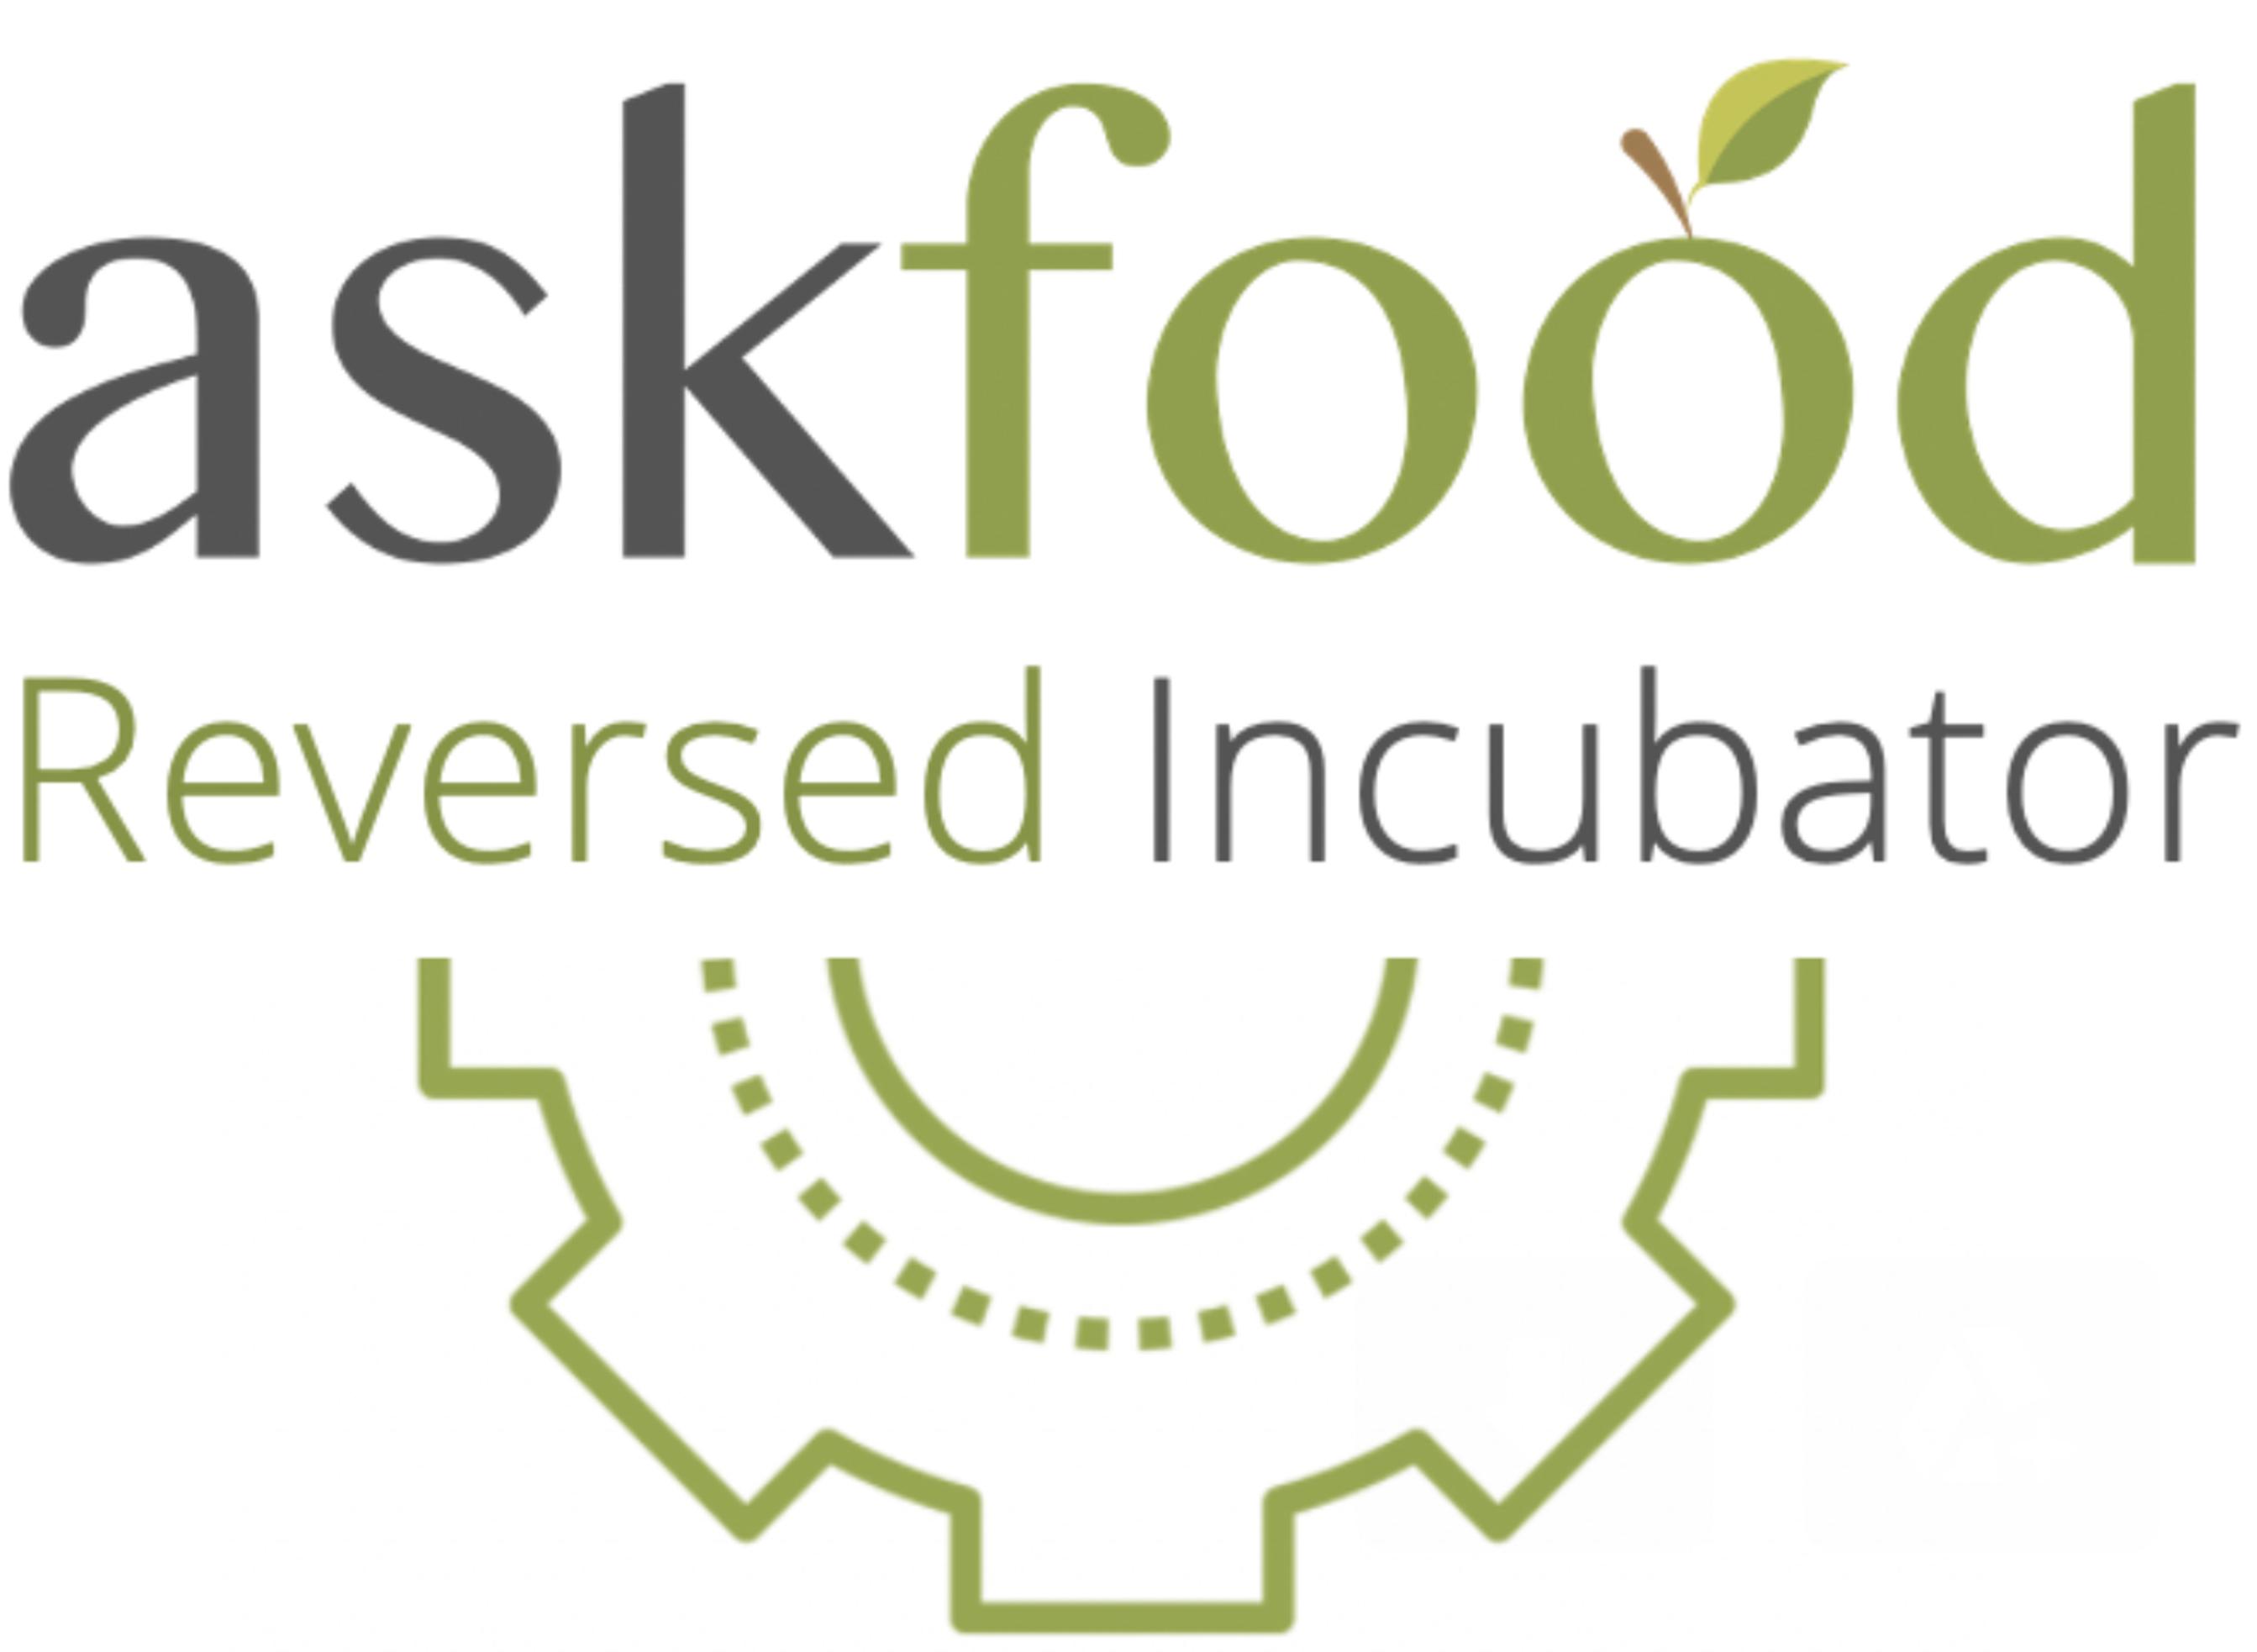 Reversed Incubator Logo